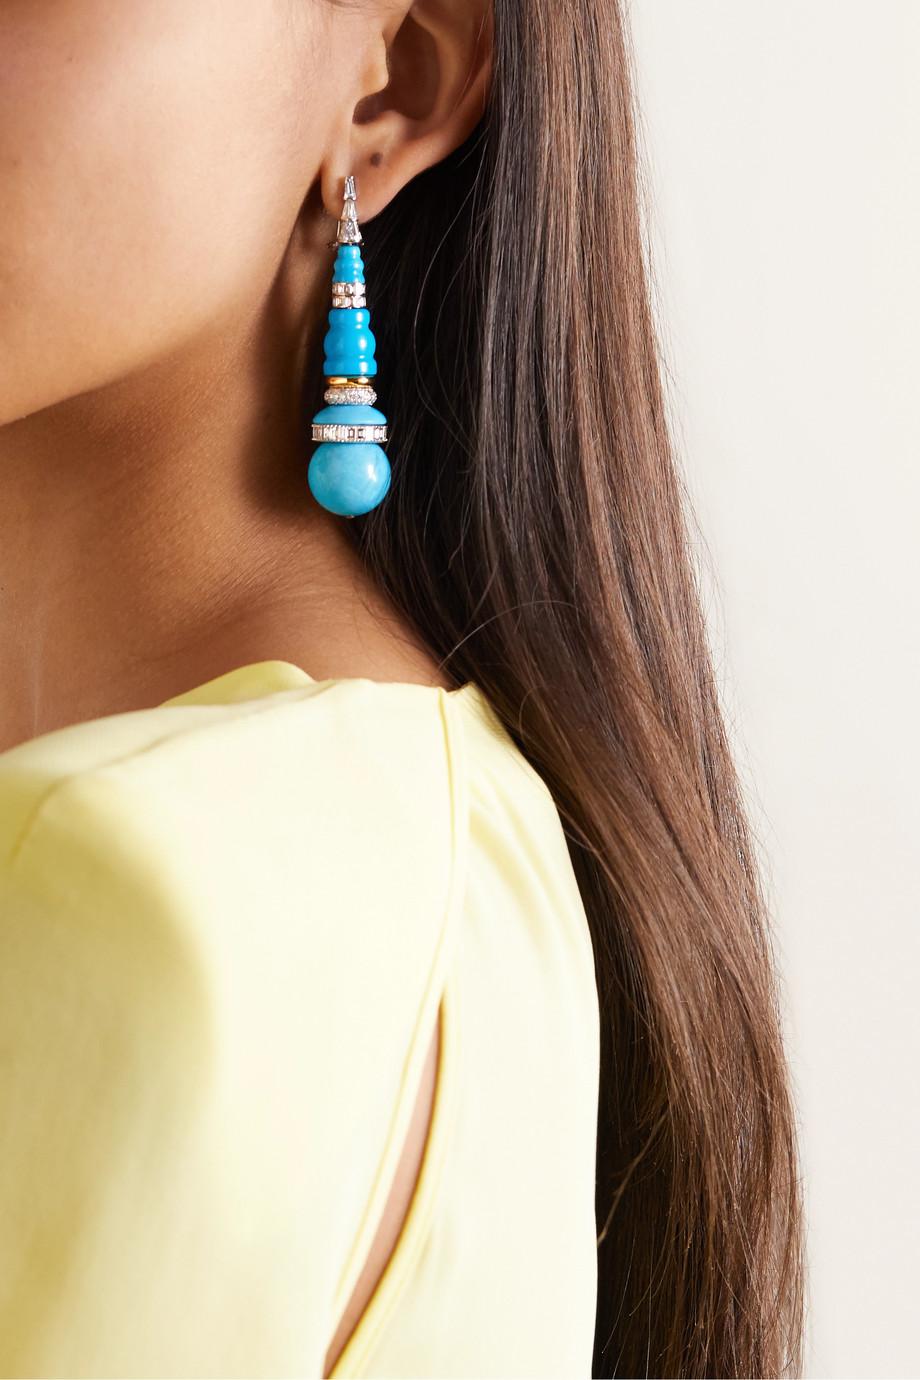 Bina Goenka Boucles d'oreilles en or blanc et jaune 18 carats, turquoises et diamants